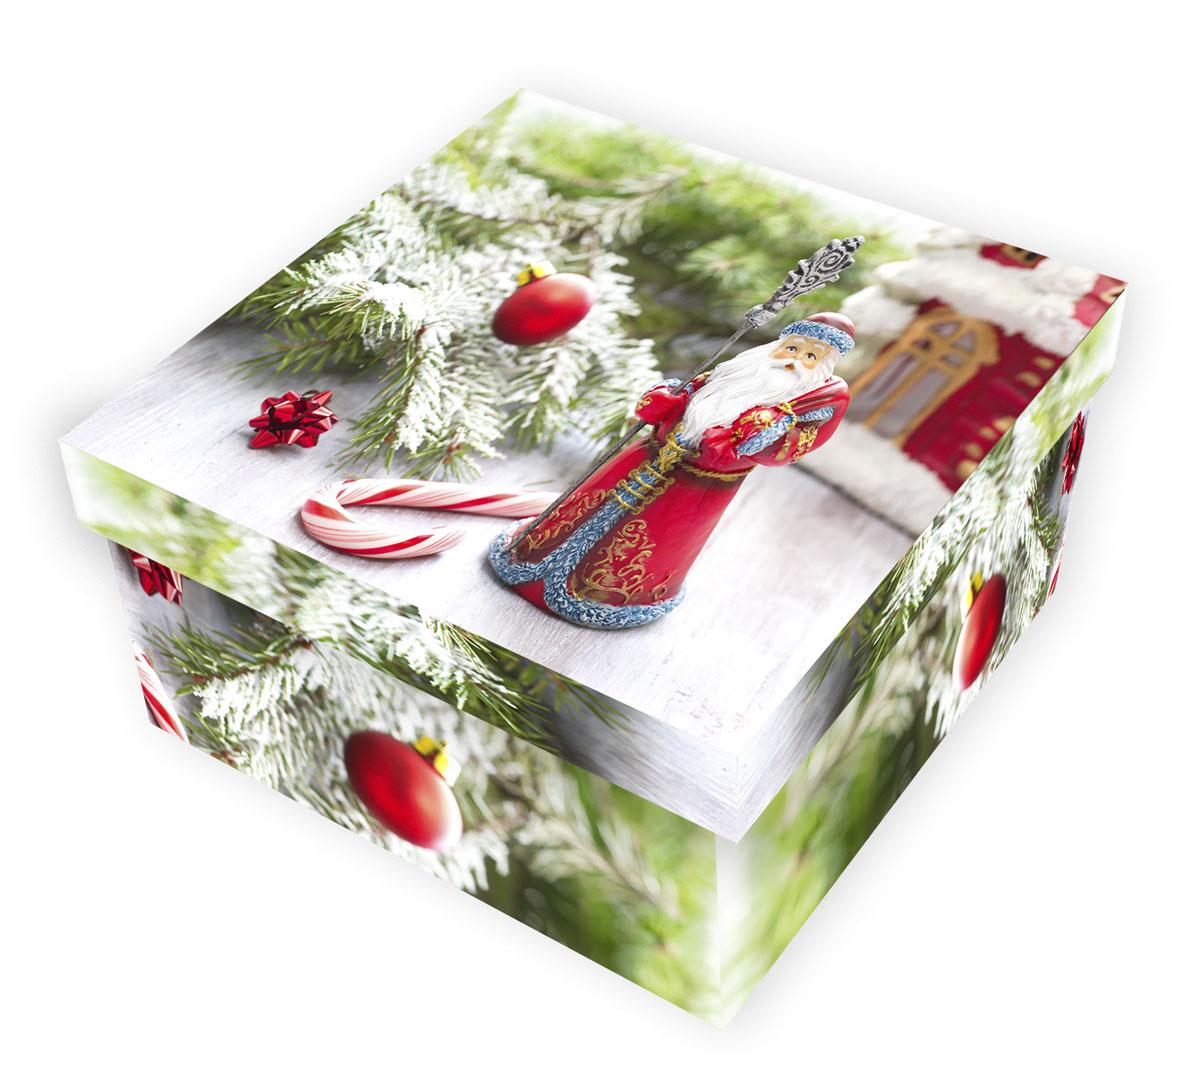 Коробка подарочная Proffi Home Дед Мороз, 12 х 22 х 22 смK100Большие картонные коробкиProffi Home Дед Мороз, идеально подходят для упаковки объемных подарков.Коробка изготовлена из плотного цветного картона.